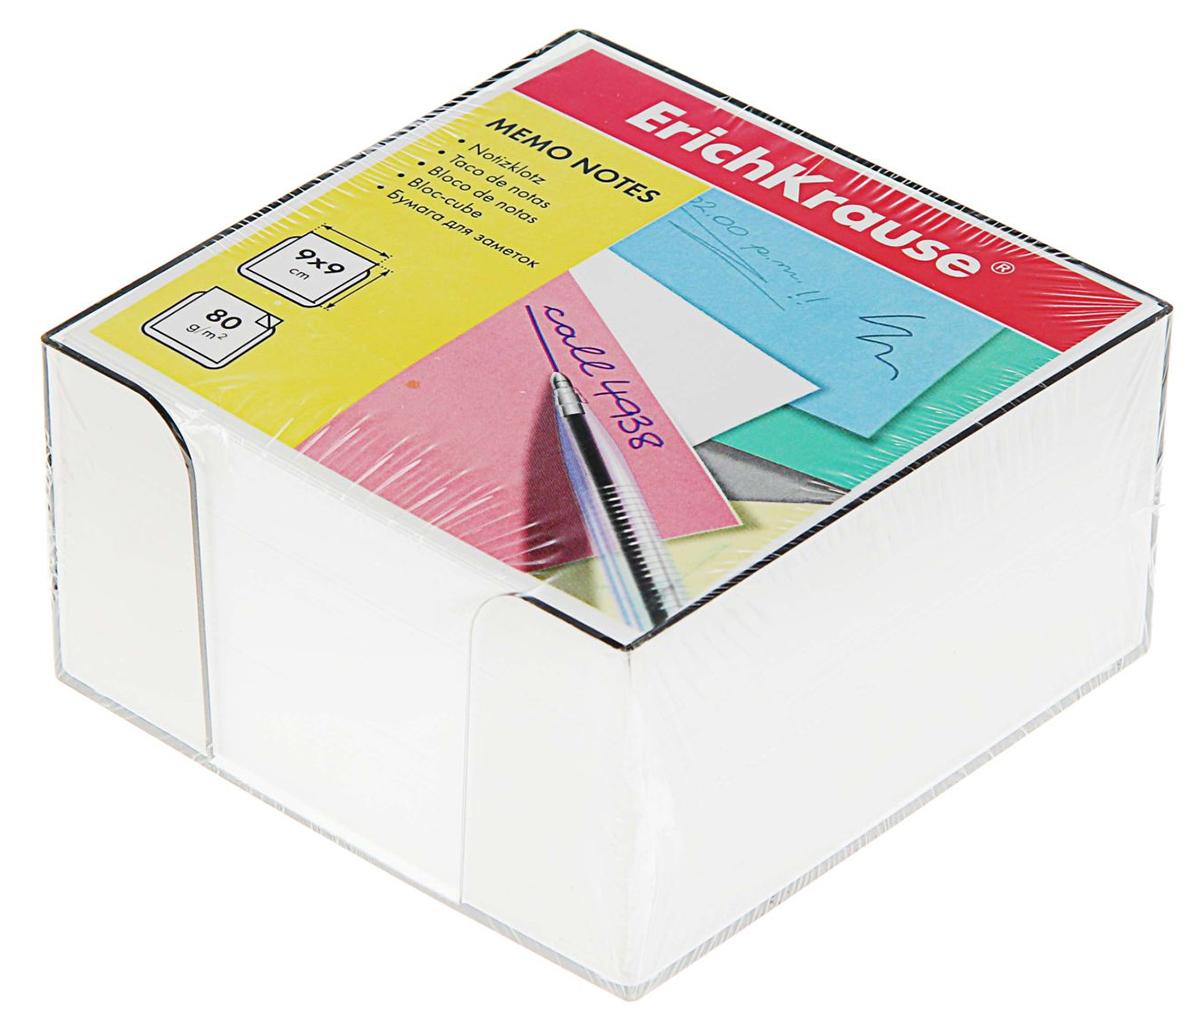 Erich Krause Блок для записей 9 x 9 см 26339092633909Невозможно представить нашу жизнь без праздников! Мы всегда ждем их и предвкушаем, обдумываем, как проведем памятный день, тщательно выбираем подарки и аксессуары, ведь именно они создают и поддерживают торжественный настрой. Блок бумаги для записей 9х9х5 см цветной, в пластиковом боксе Белый, EK 2716 — это отличный выбор, который привнесет атмосферу праздника в ваш дом!Часто появляется необходимость оставить небольшое послание коллеге, сделать пометку для родных или запомнить нужный телефон?Чтобы зафиксировать важную информацию, достаточно иметь при себе неброский, но необходимый в быту предмет — Блок бумаги для записей 9х9х5 см цветной, в пластиковом боксе Белый, EK 2716. Этот канцелярский аксессуар займет минимум места в сумке или на рабочем столе.